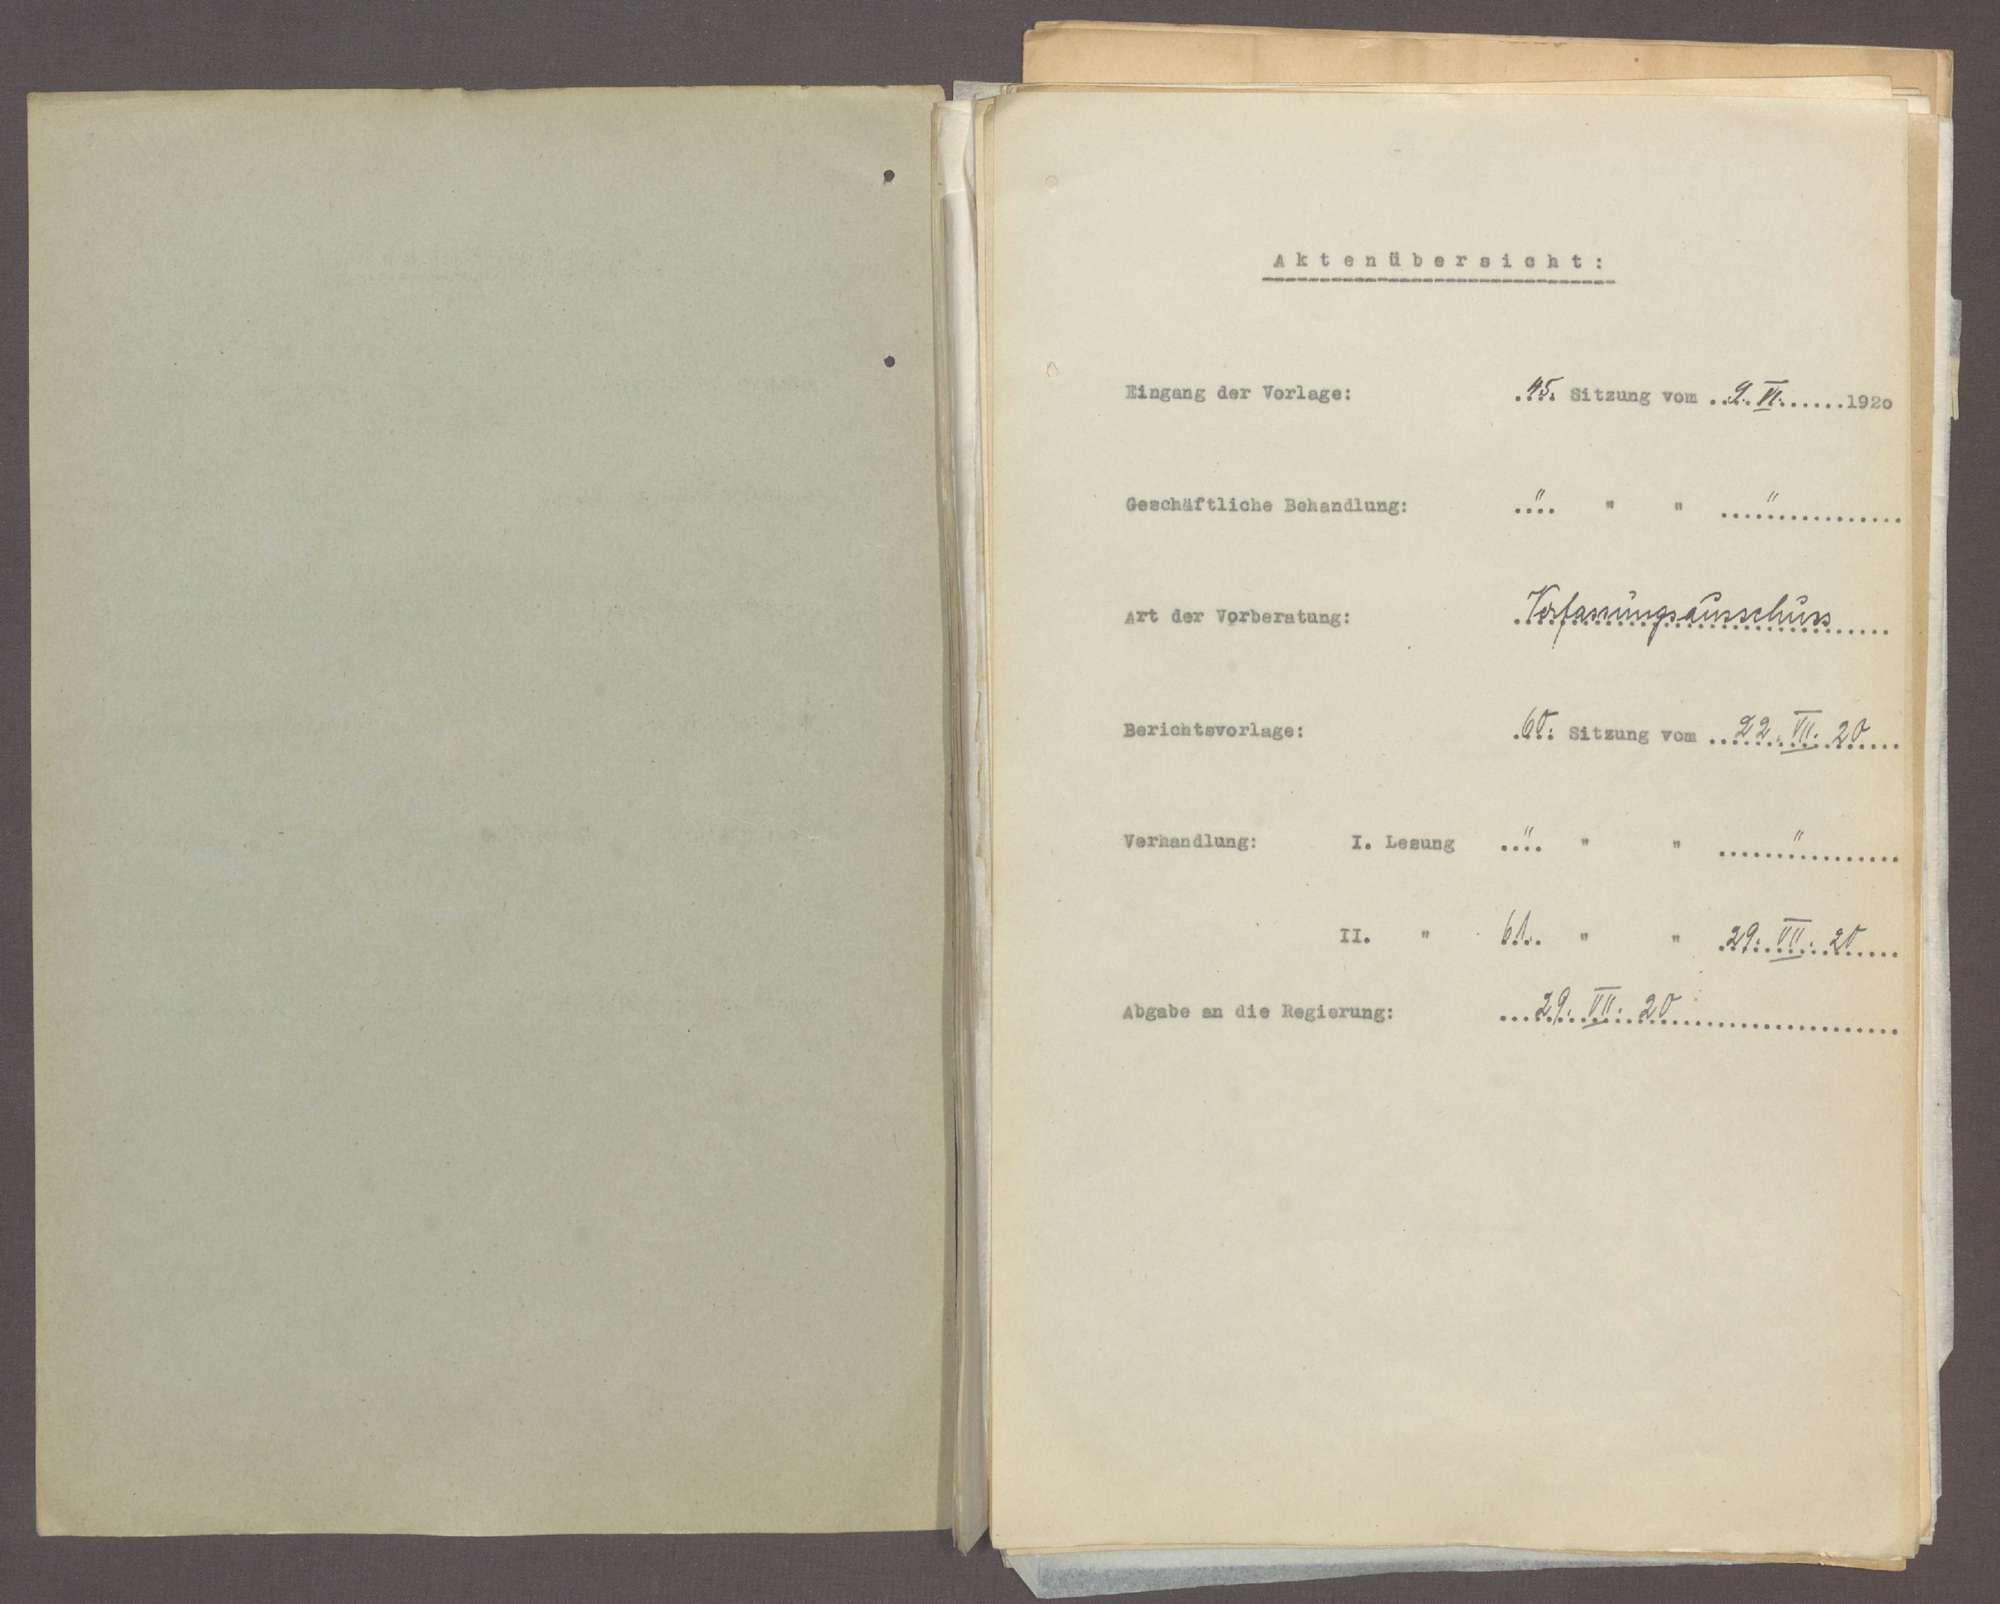 Antrag der Abg. D. Mayer (Karlsruhe) u. Gen., das Gesetz über das Verfahren bei Volksabstimmungen betr. (Landtagswahlgesetz) -Drucks. Nr. 116-116a-, Bild 2